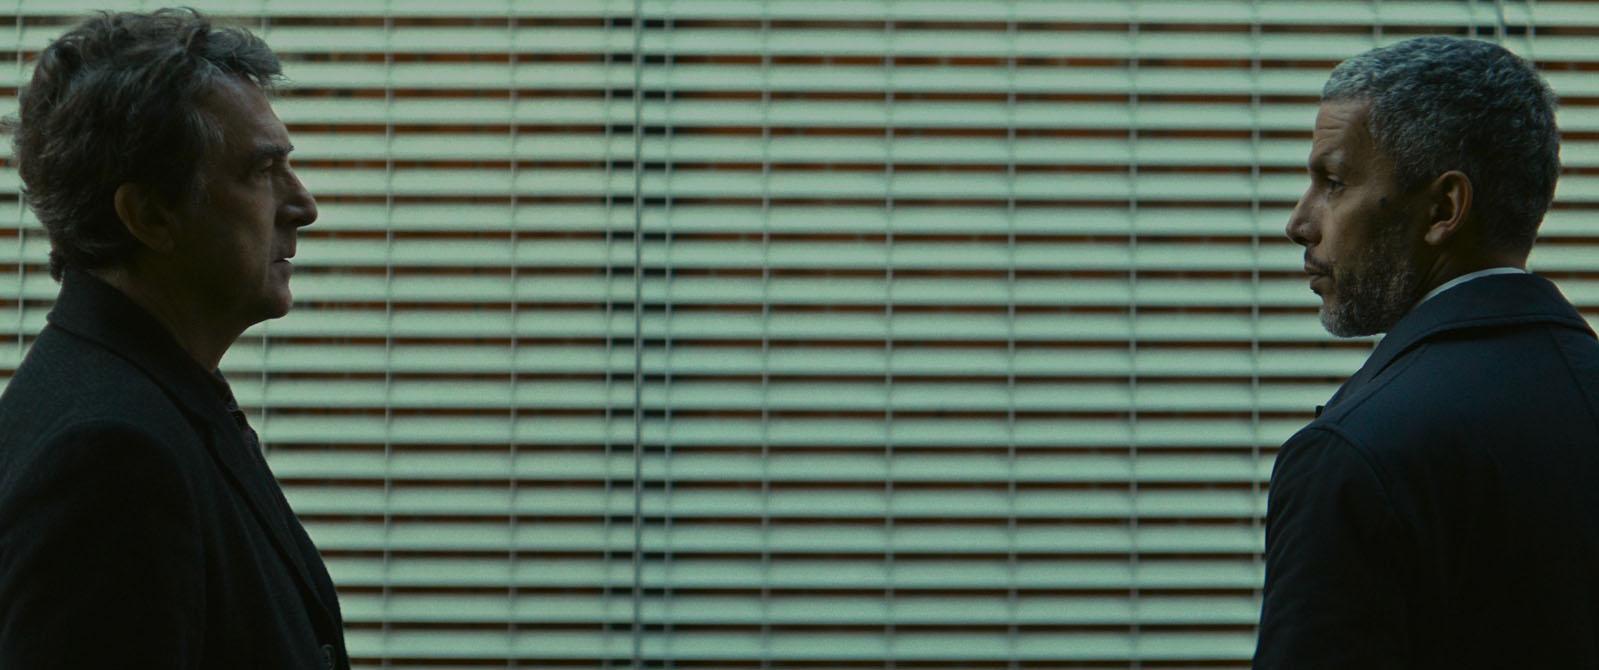 005170.jpg-r_1920_1080-f_jpg-q_x-xxyxx